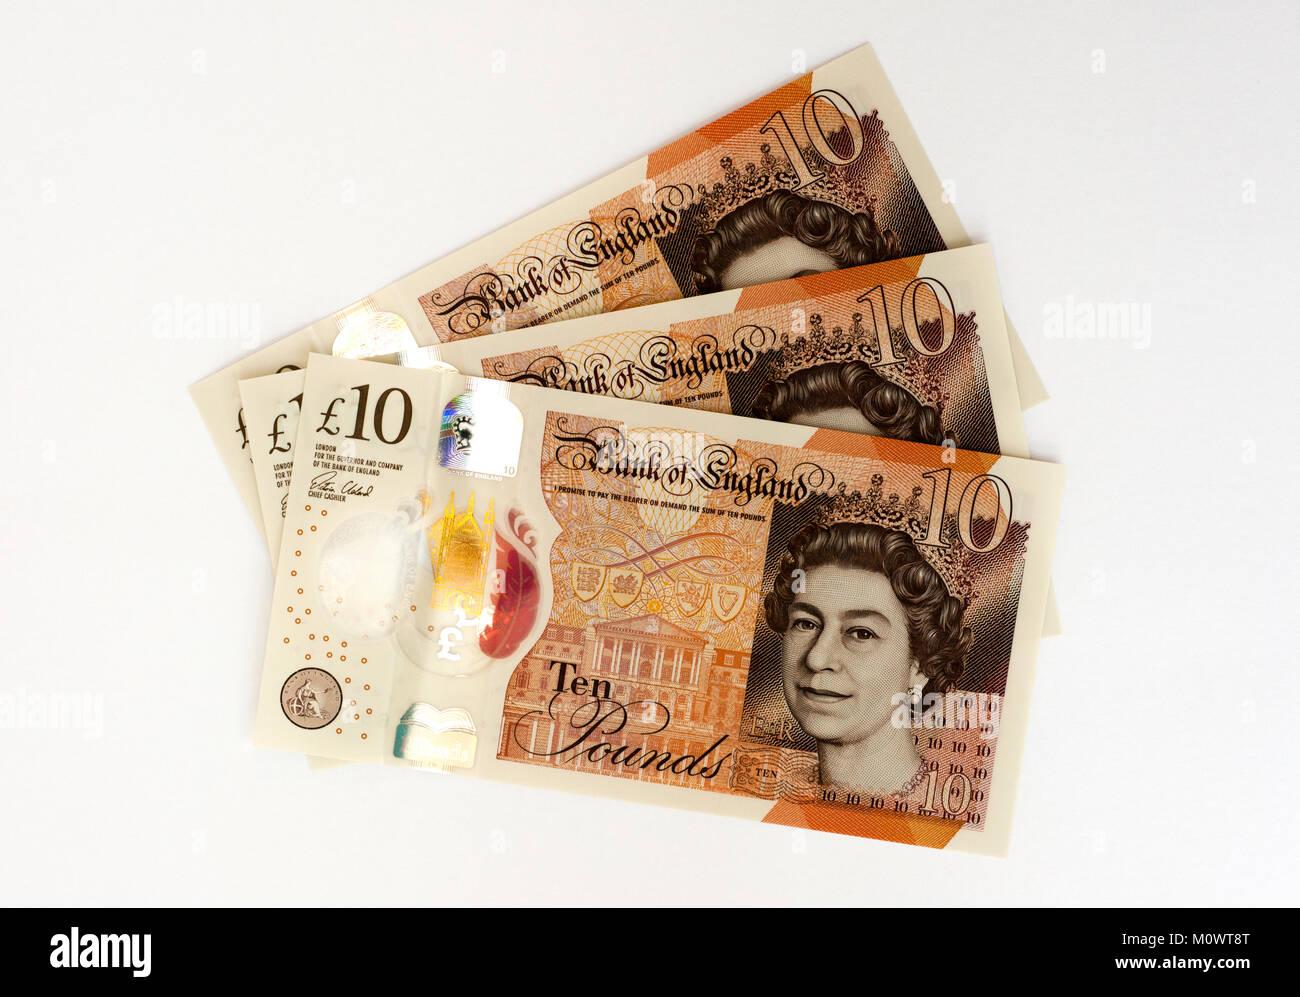 UK 10 Ten Pound Polymer Bank Note - Stock Image